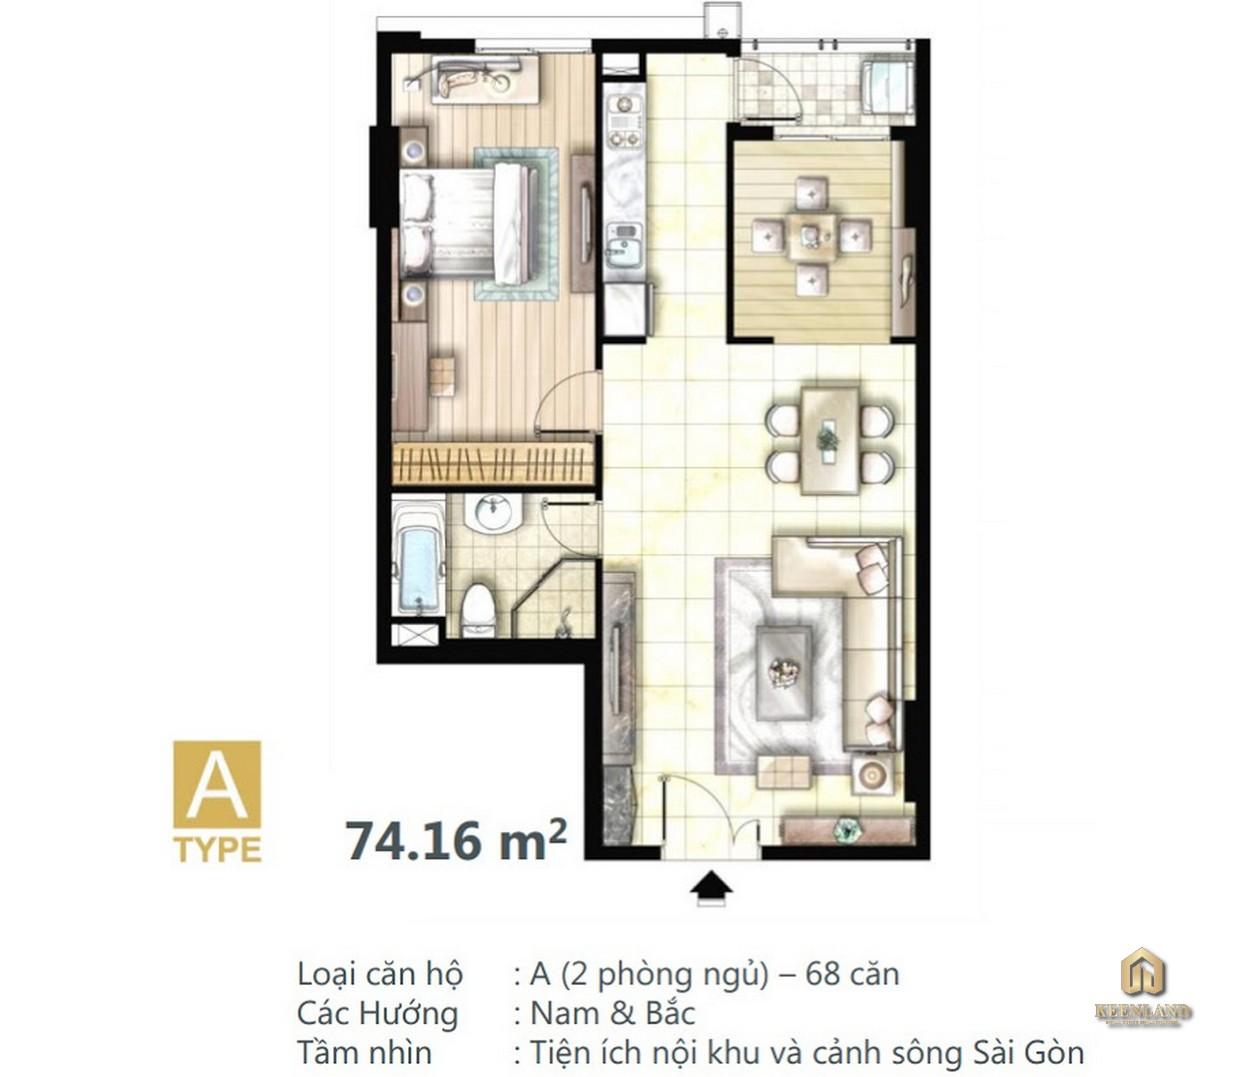 Mặt bằng căn hộ điển hình Docklands Saigon Quận 7